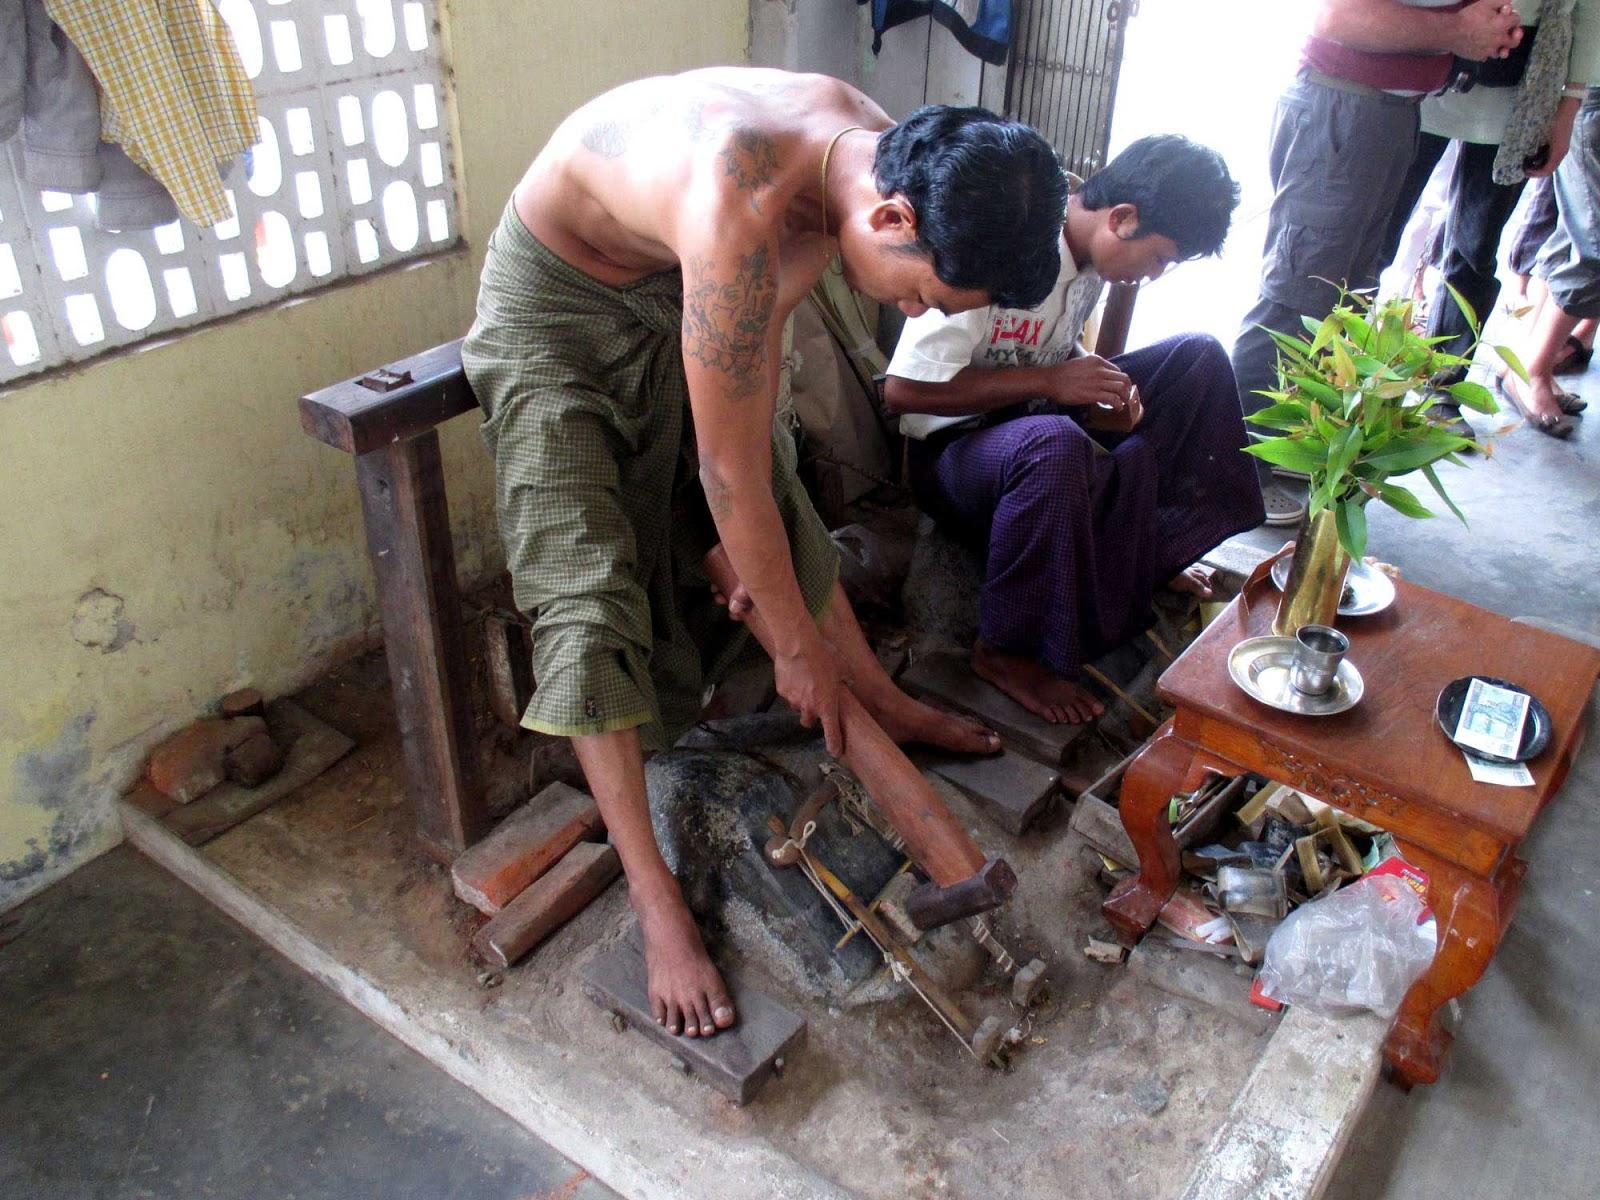 3 ouvriers se tapent la salope de proprio - 3 3